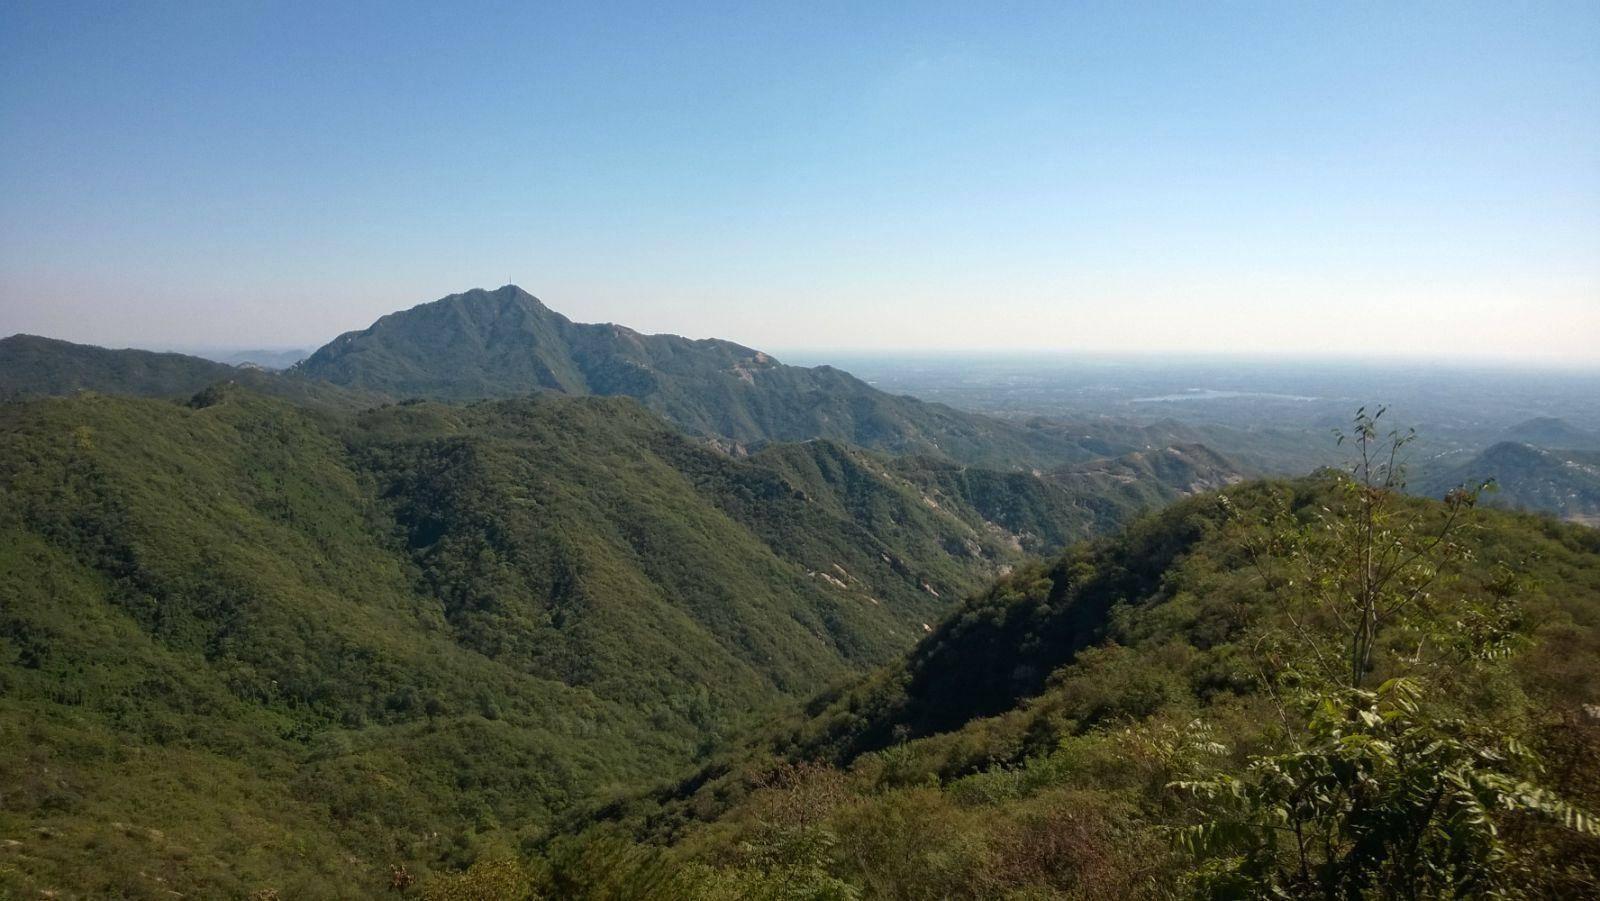 河北集地质景观、森林生态、人文历史景观于一体的原生态自然景区